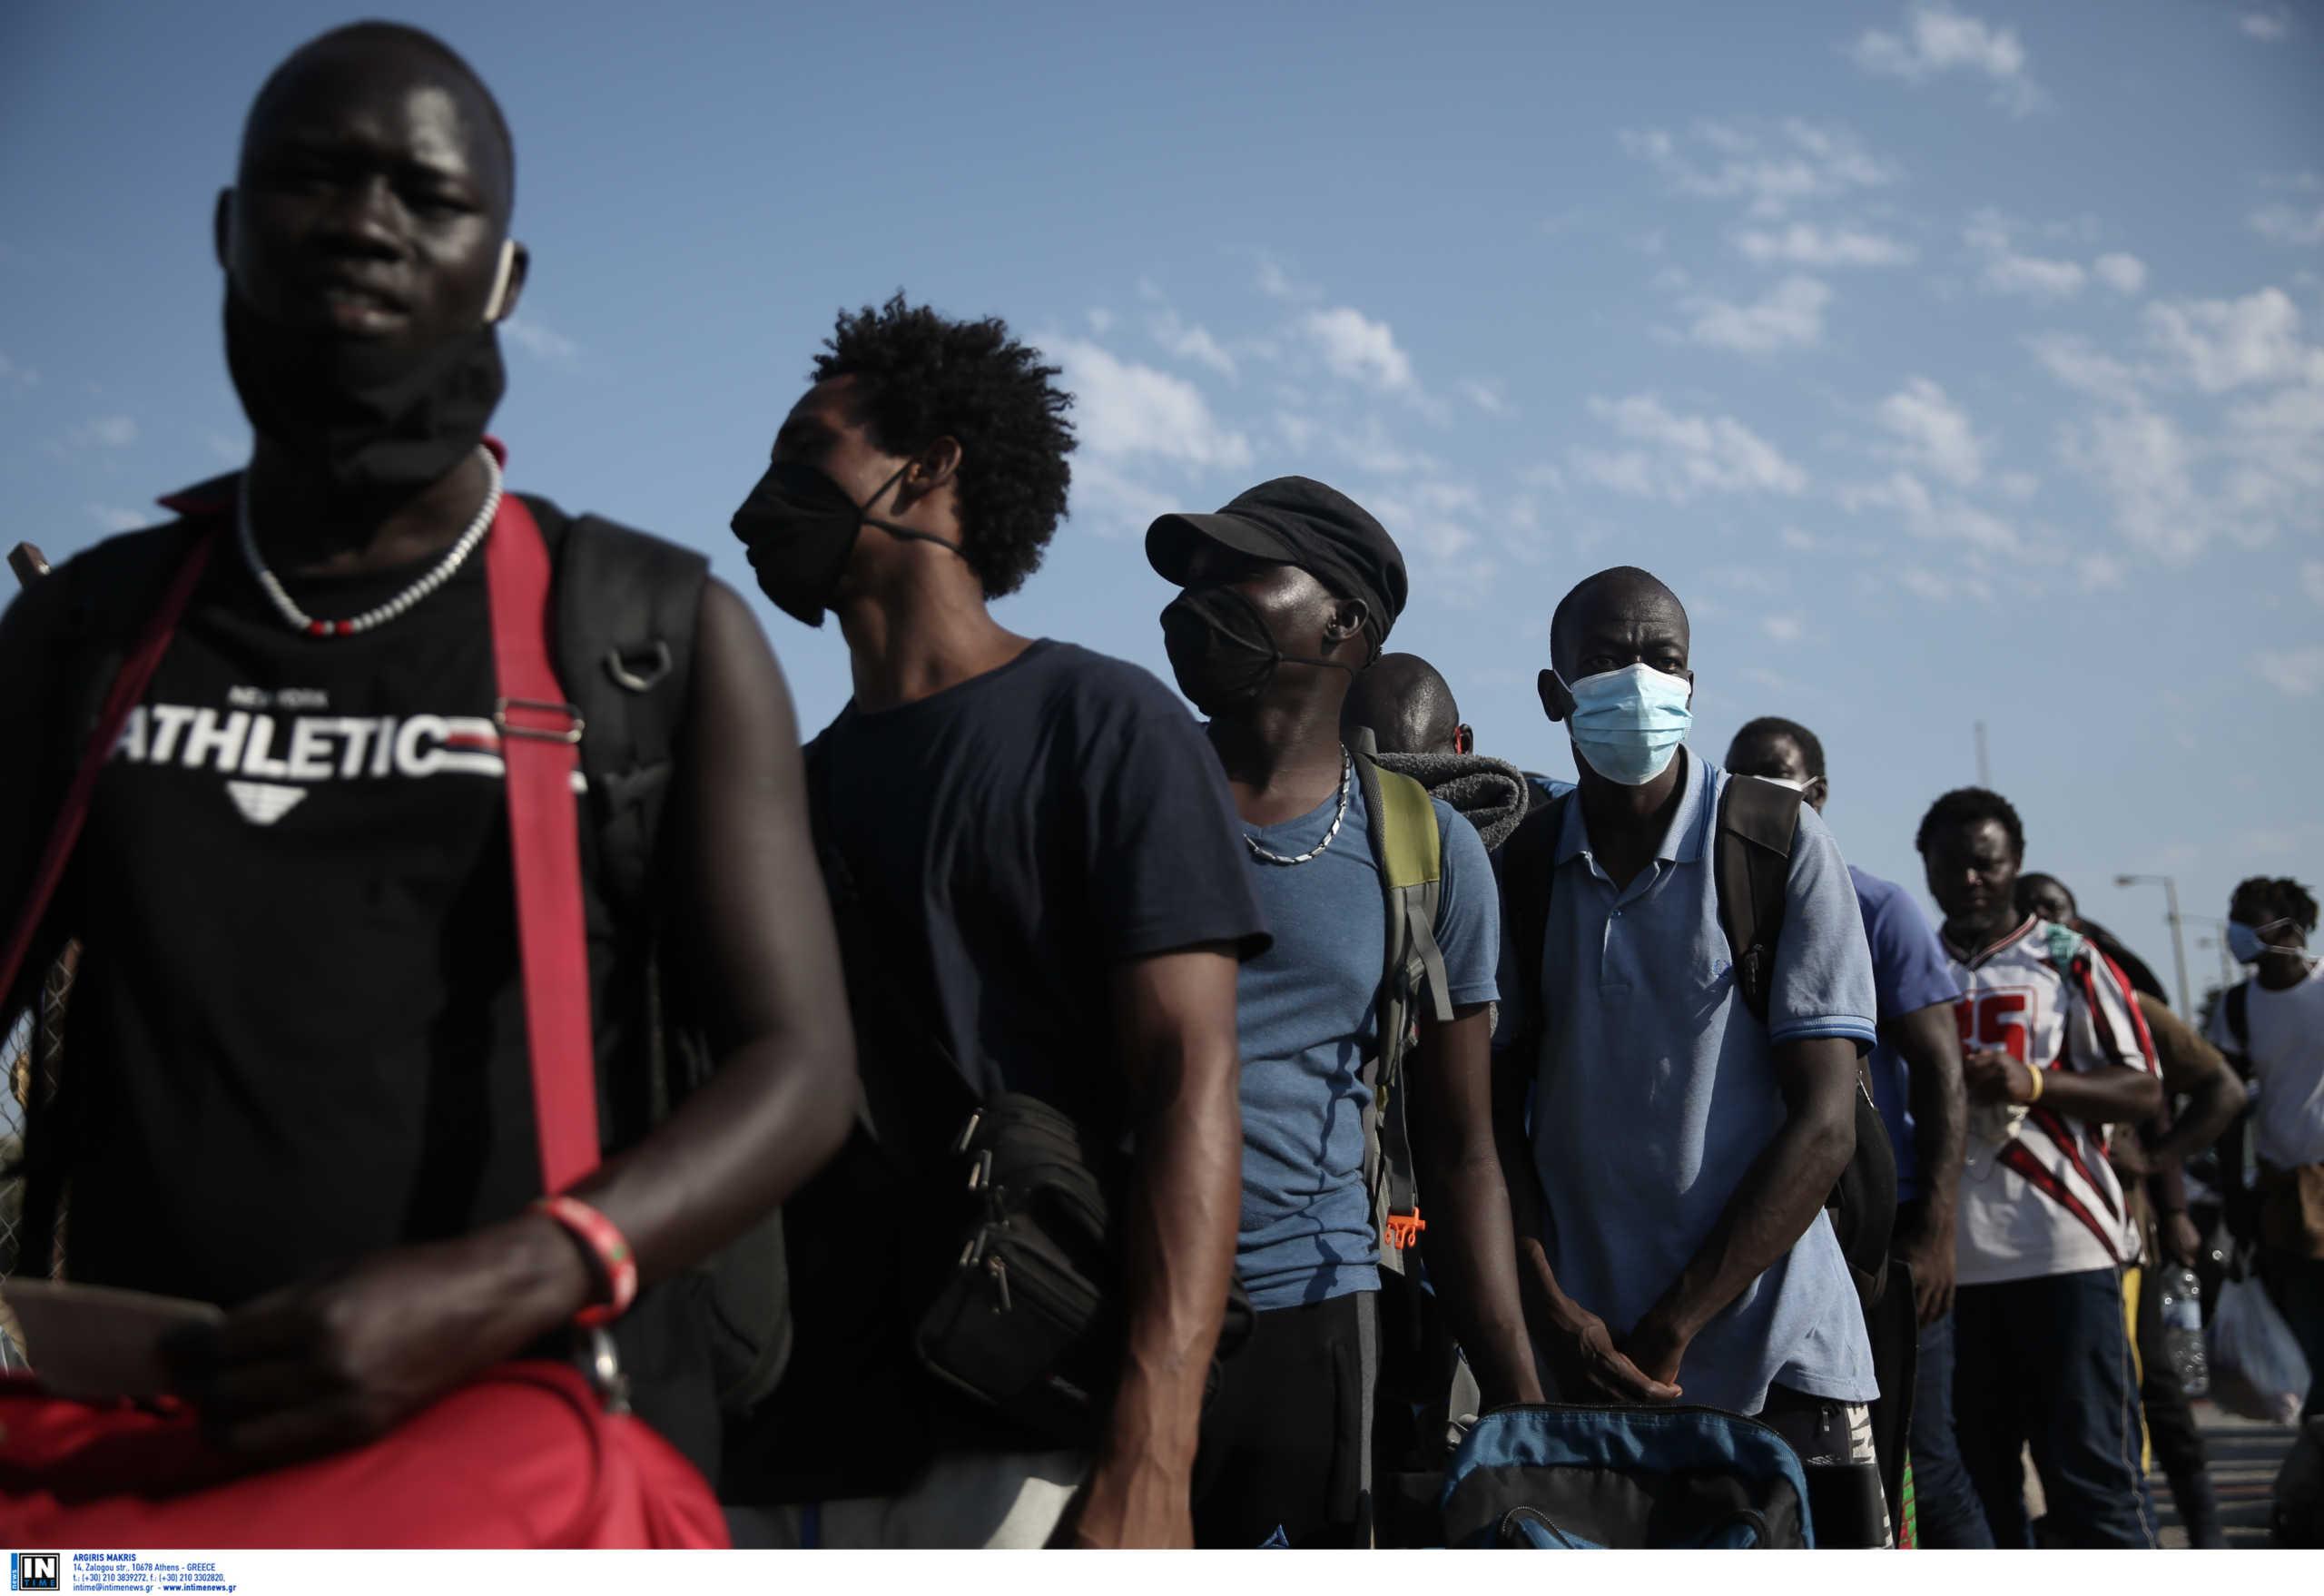 Λέσβος: Χιλιάδες πρόσφυγες παραμένουν στους δρόμους! Άλλα 35 άτομα βρέθηκαν θετικά στον κορονοϊό